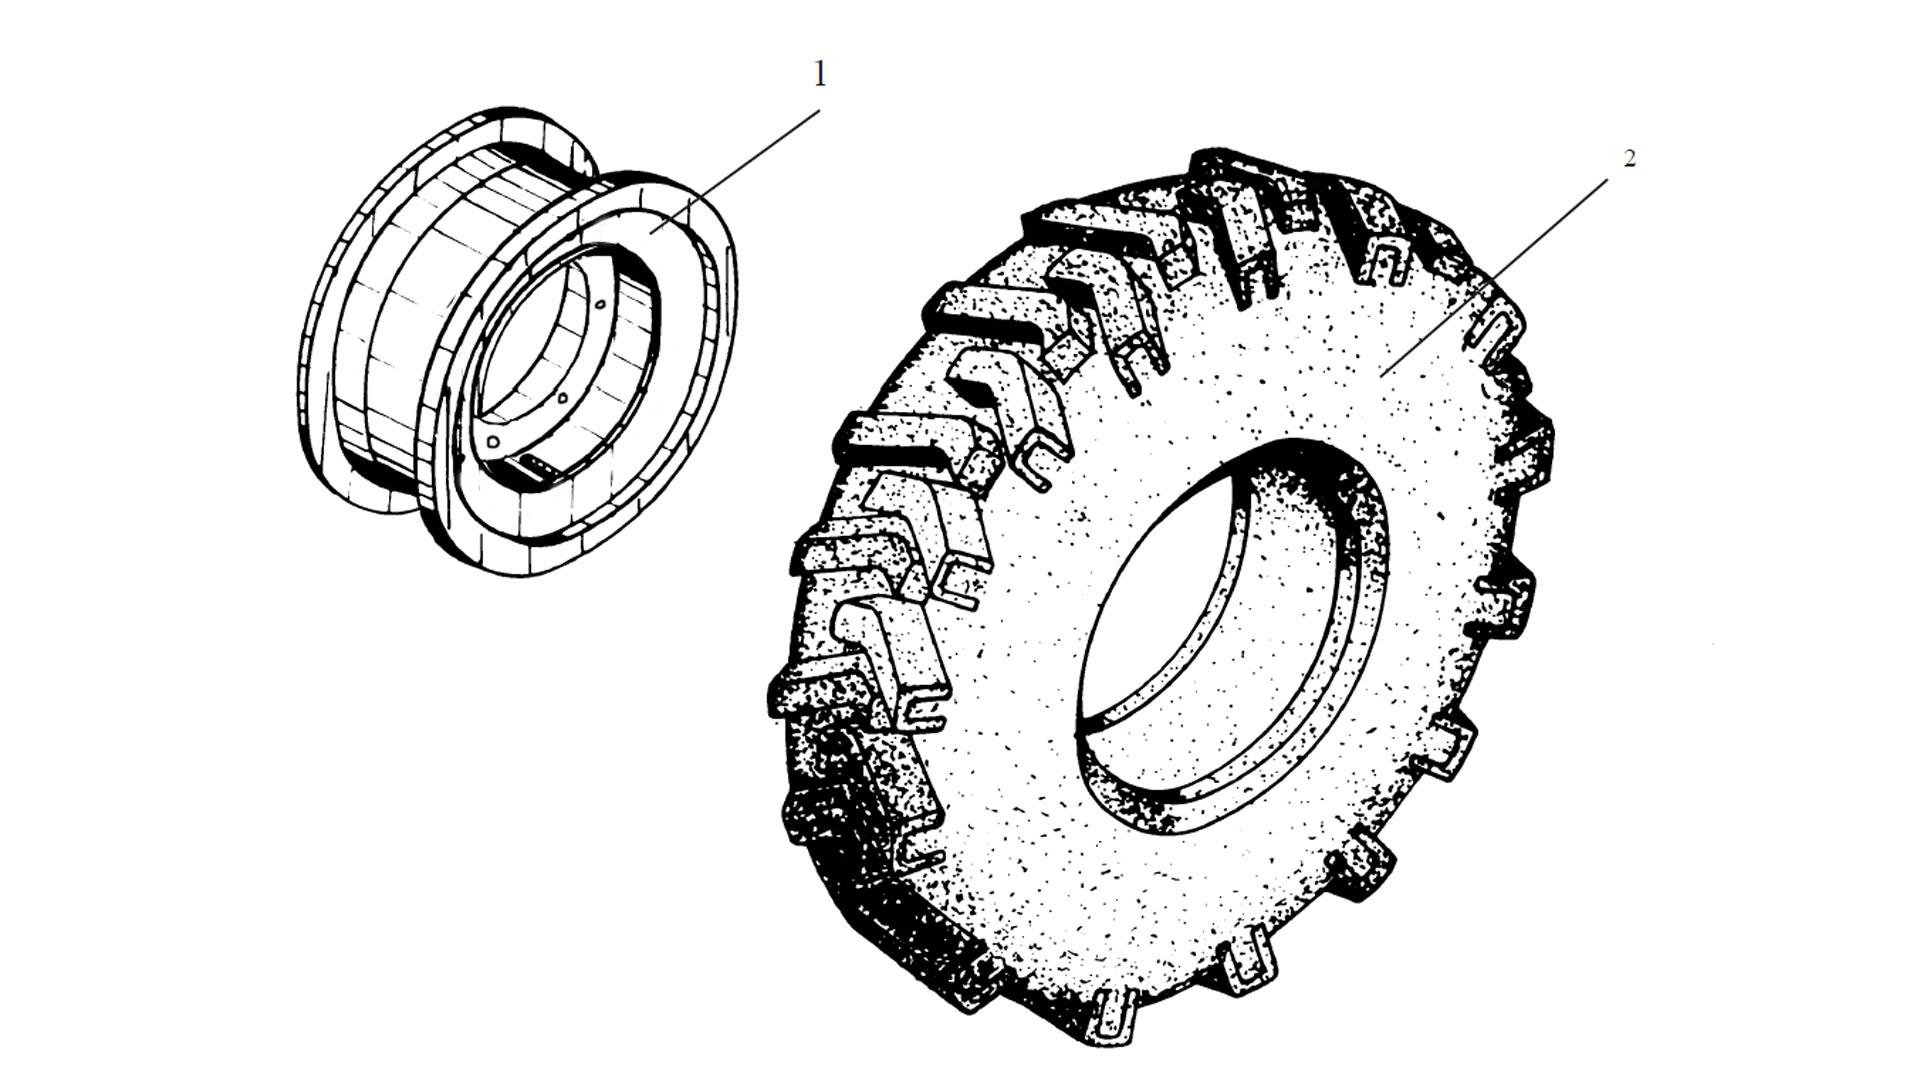 Колесо ТО-18Д.35.02.000